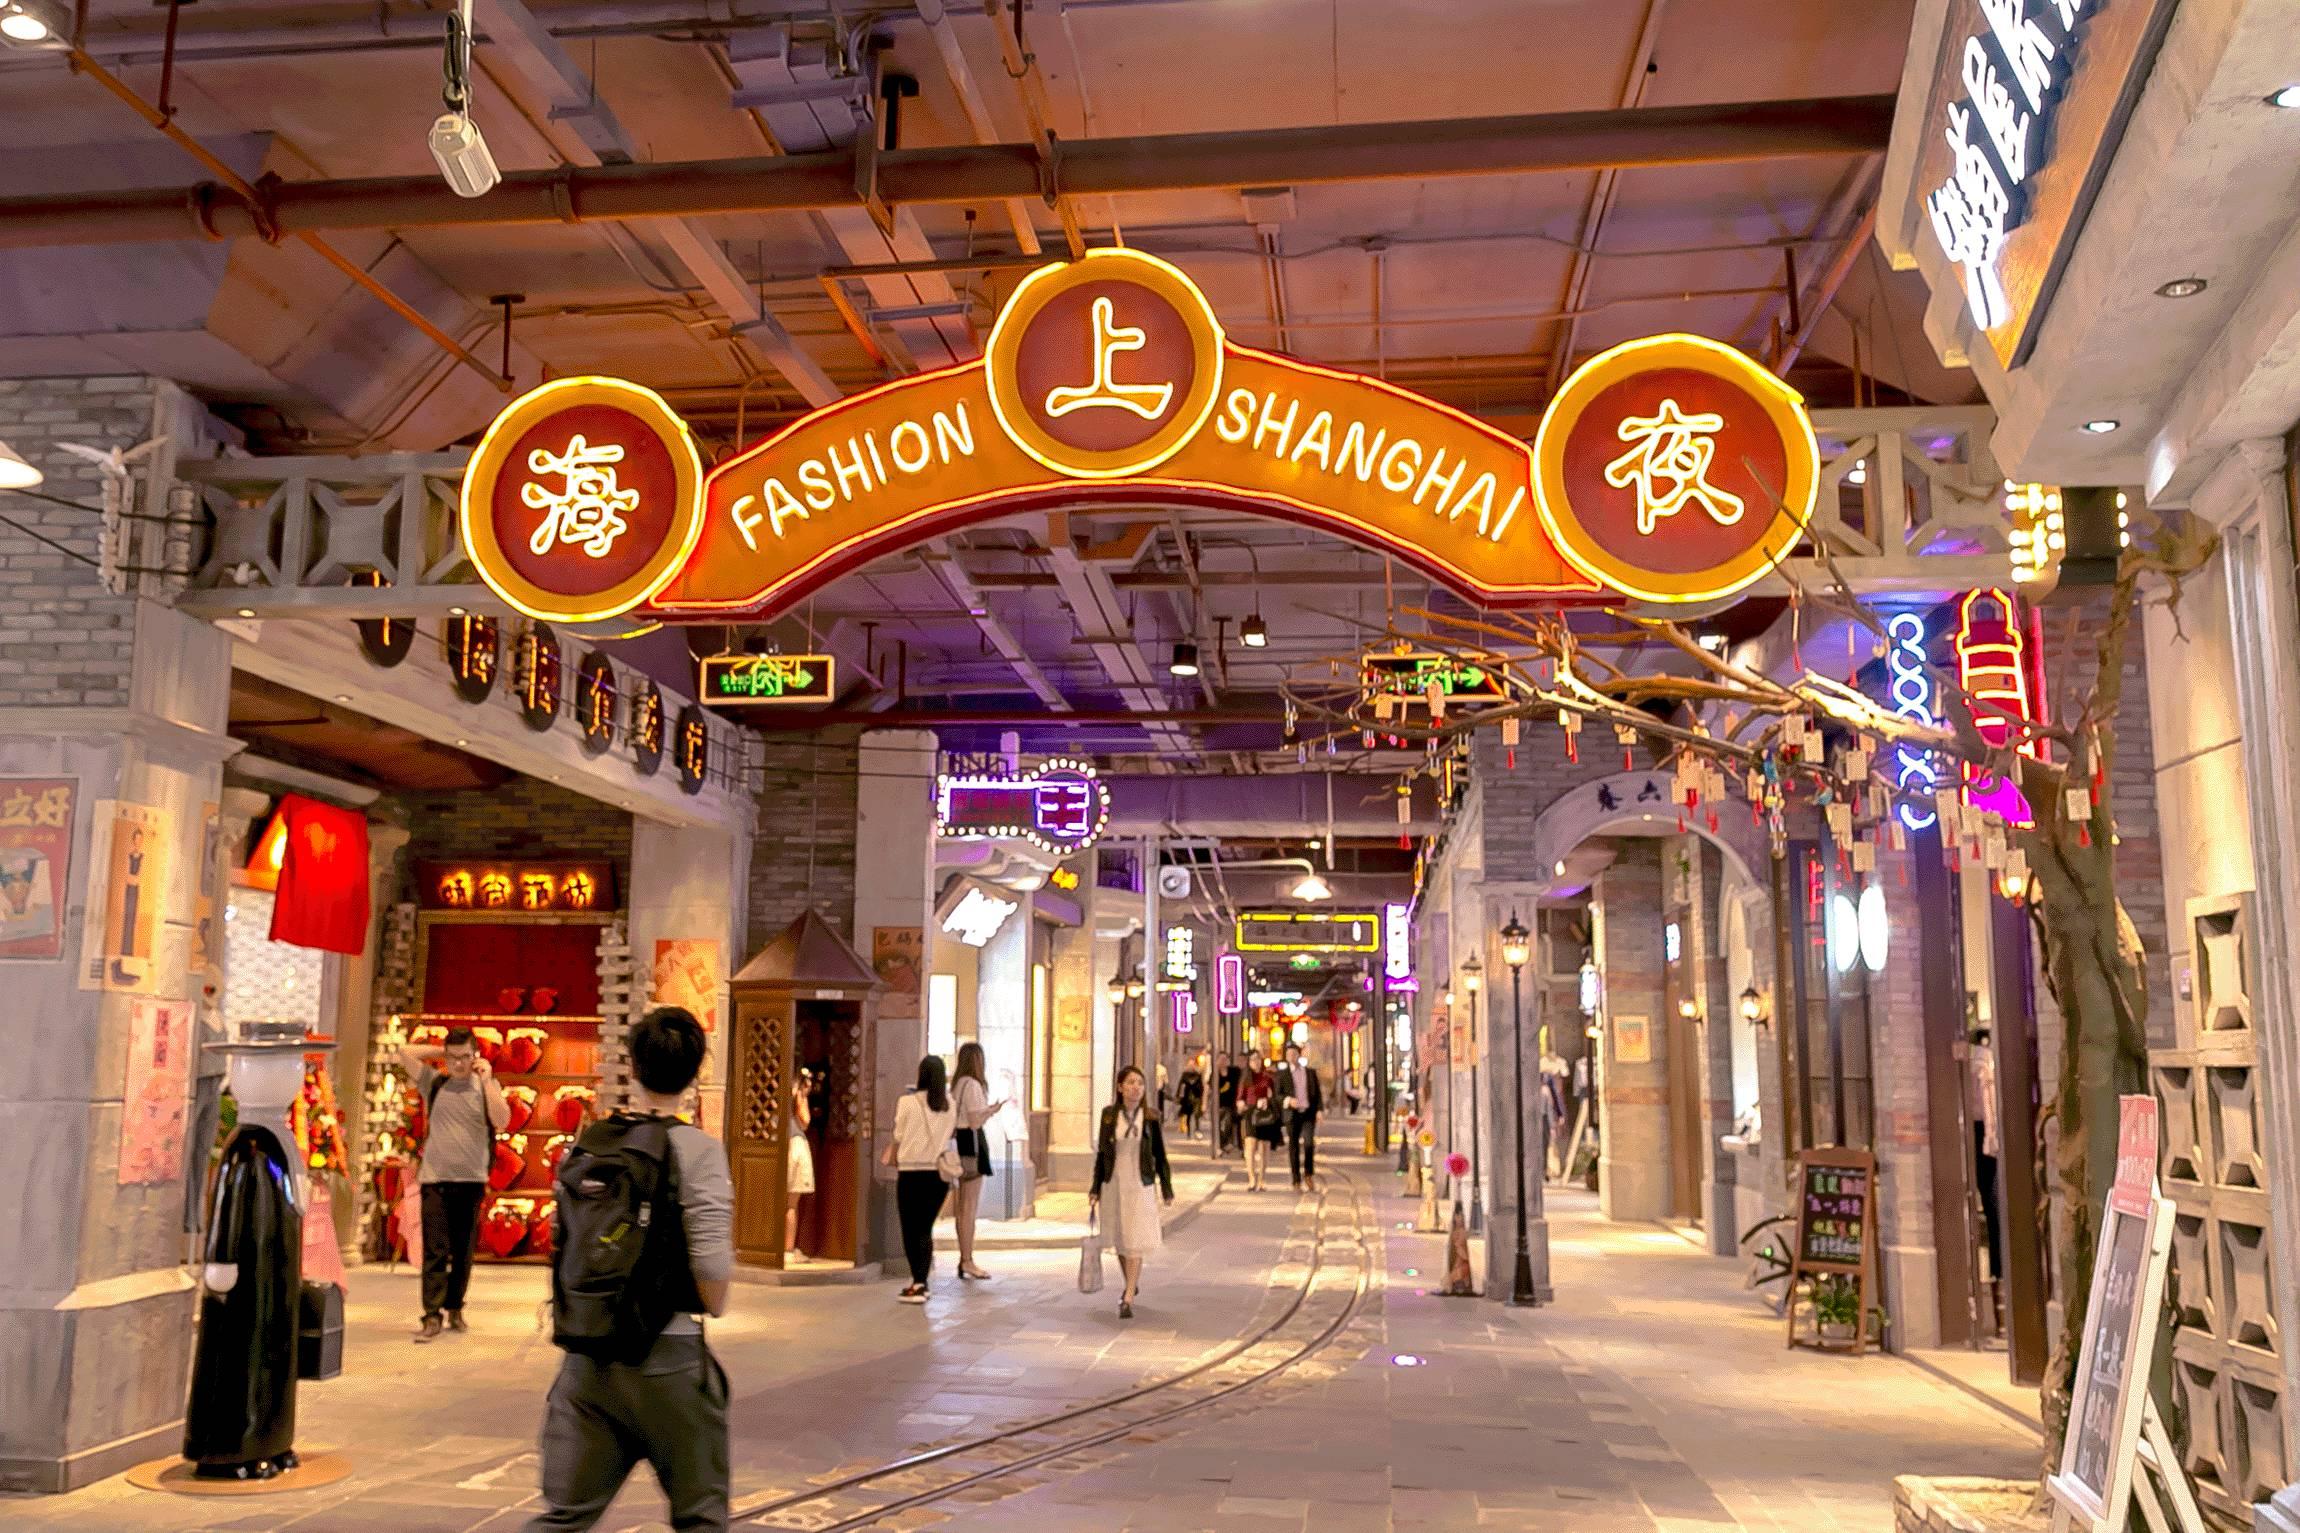 广州书店最大的书店_广州书店_广州北京路古籍书店